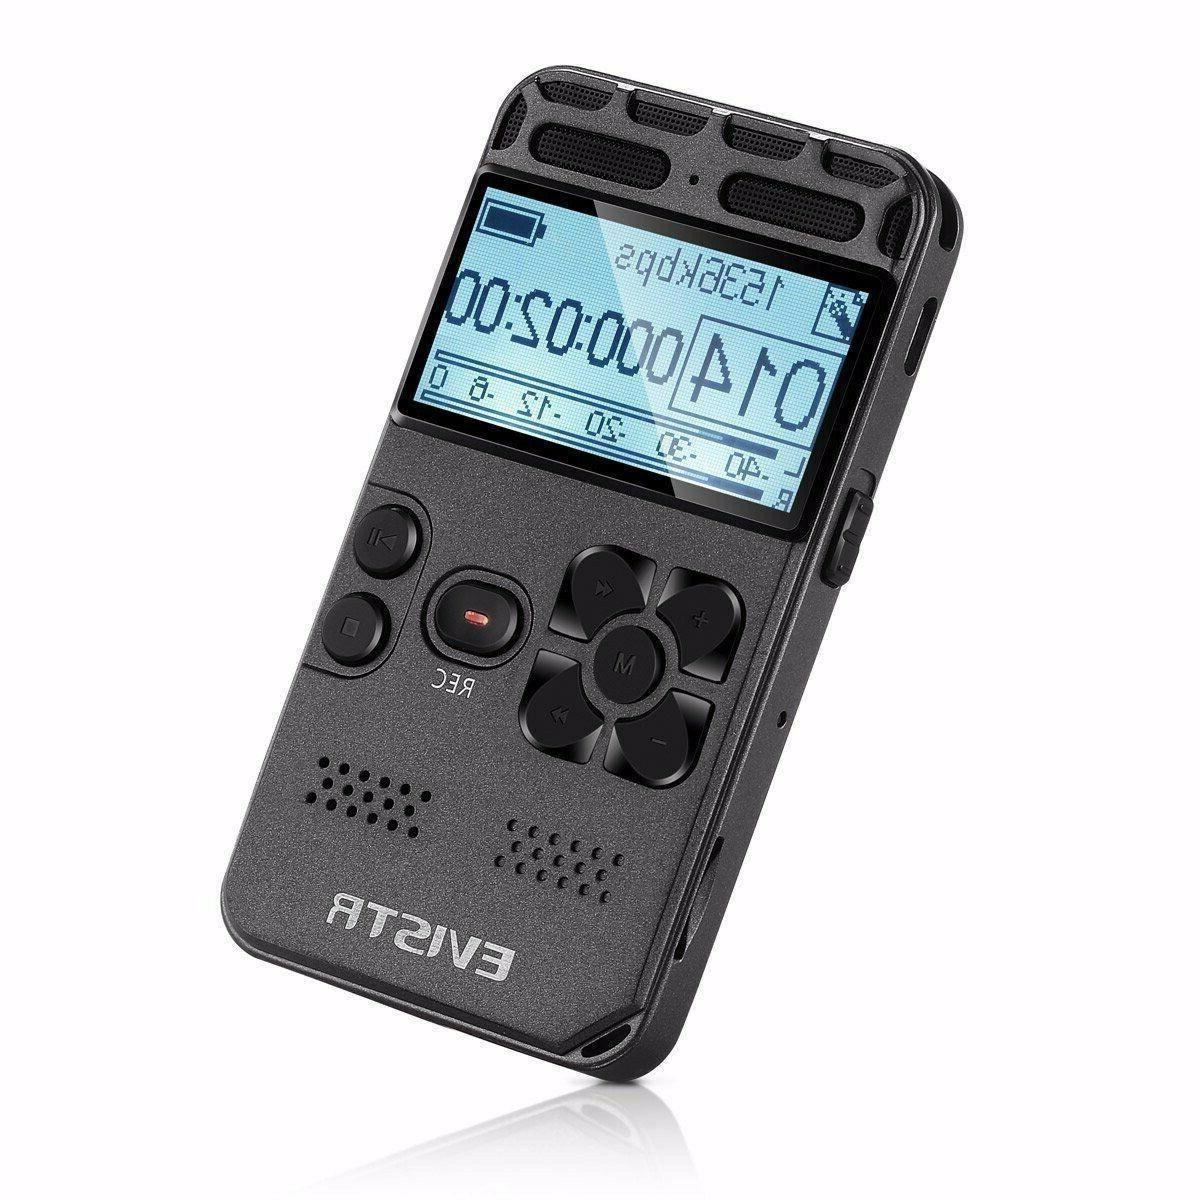 EVISTR L58 Digital Recorder with Slot